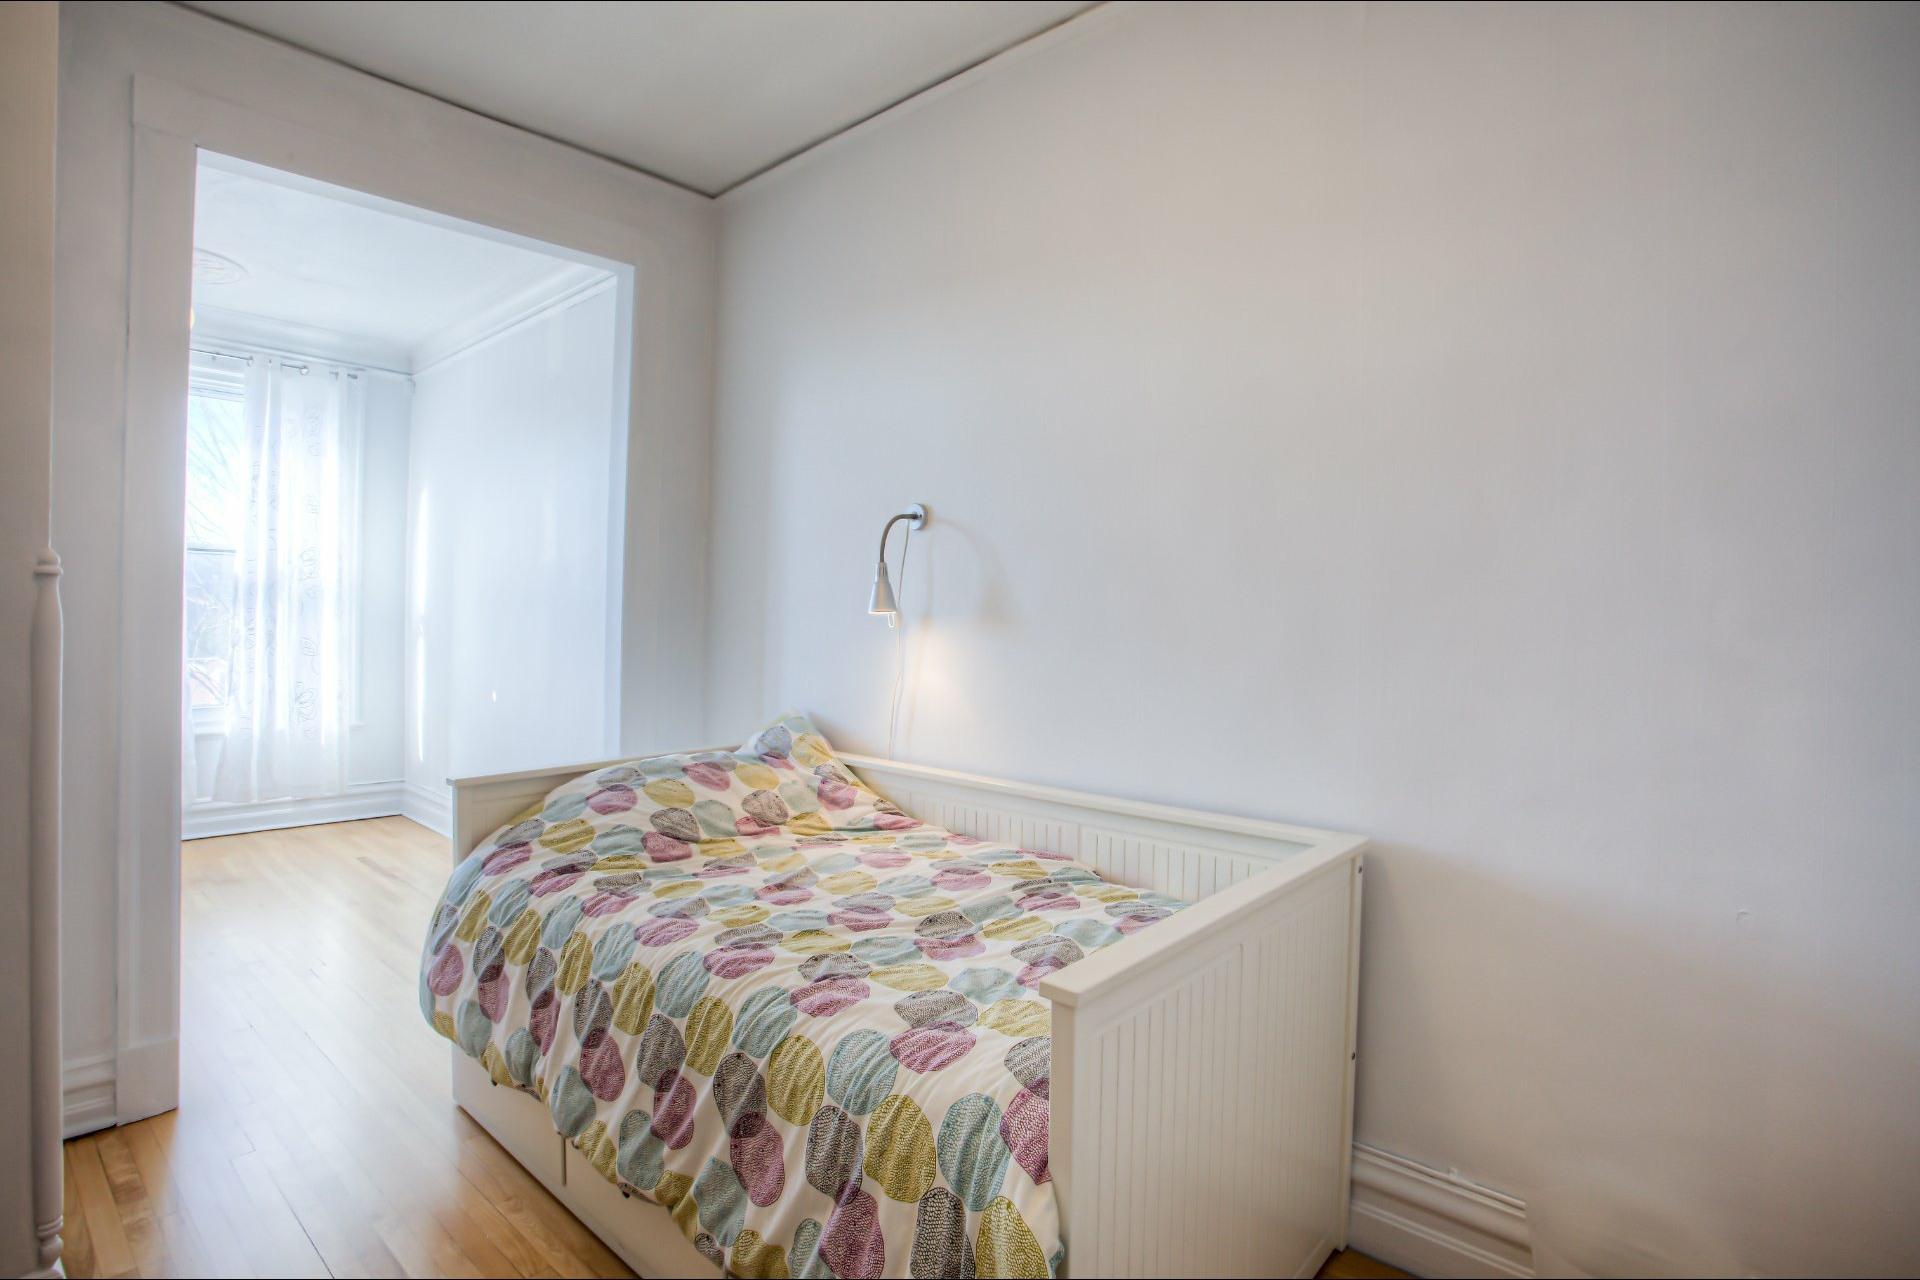 image 9 - Appartement À vendre Rosemont/La Petite-Patrie Montréal  - 8 pièces